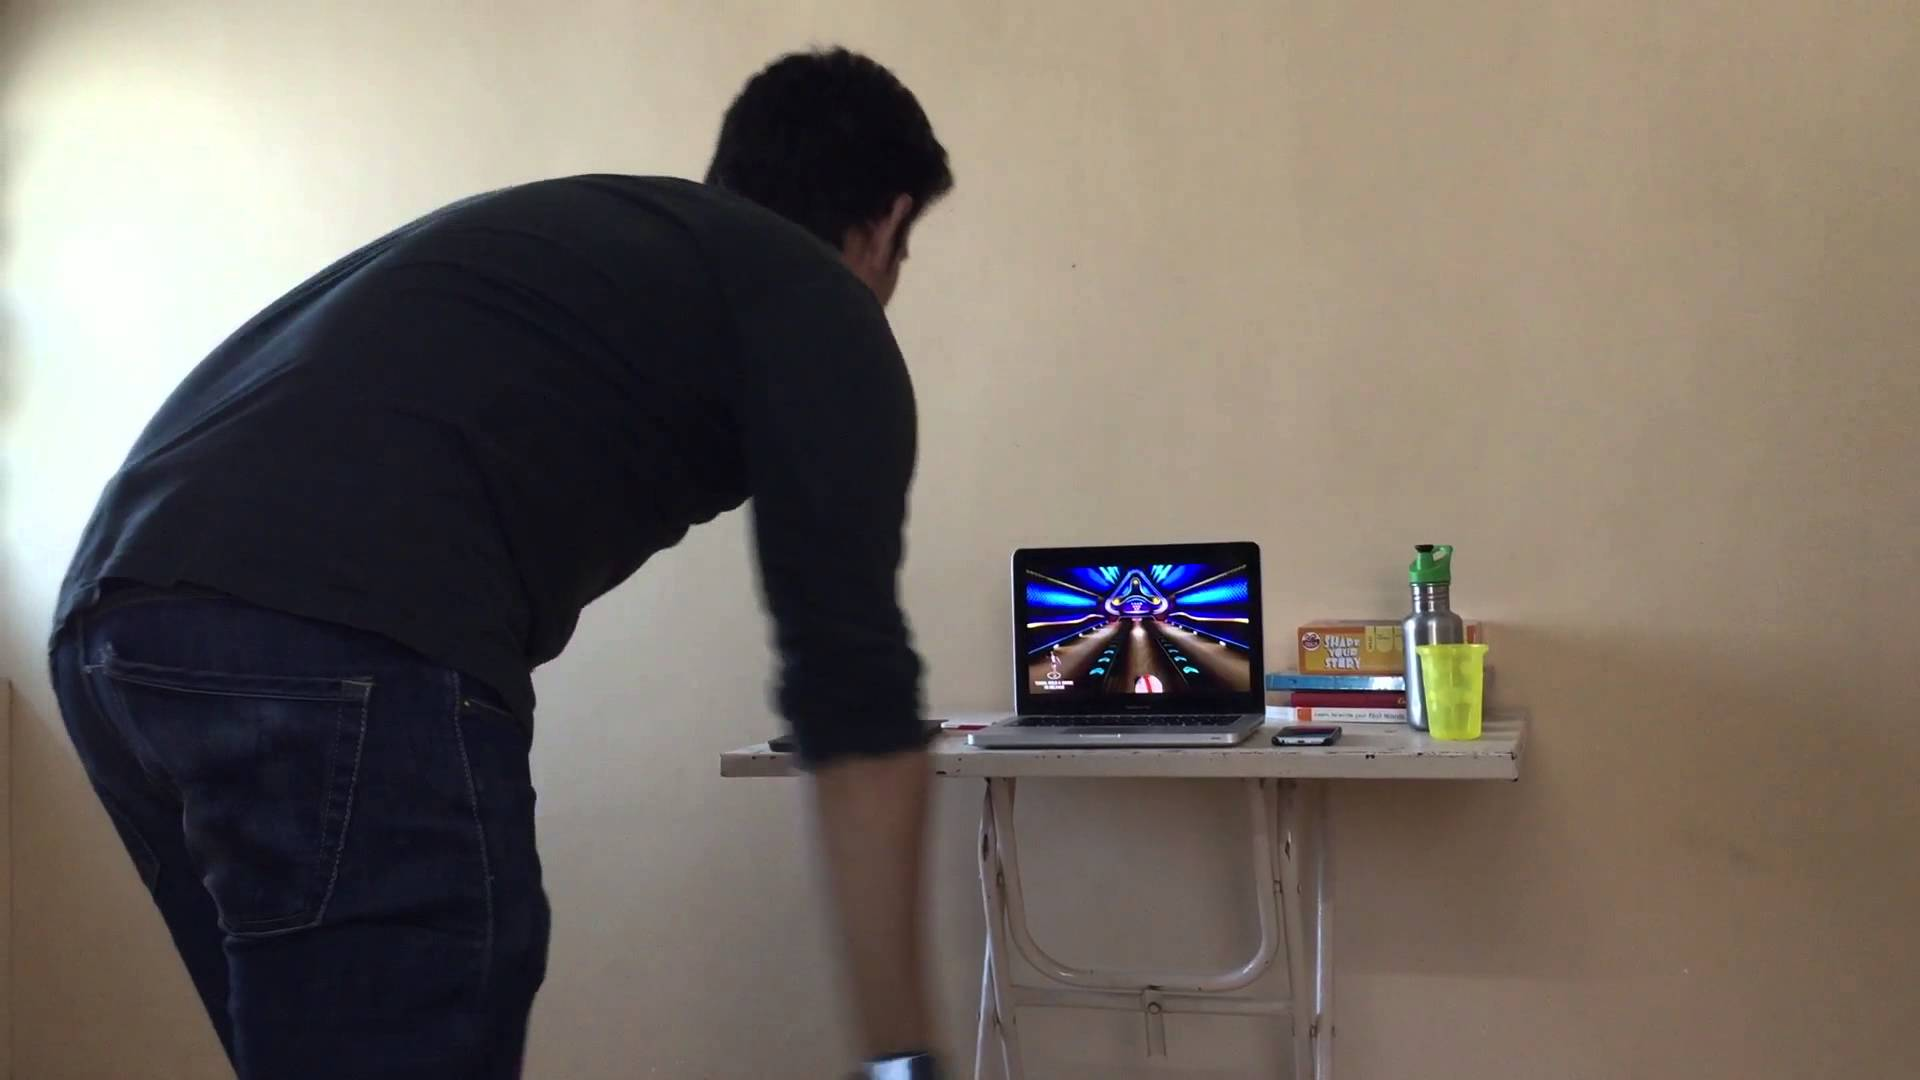 Apple Watch 新玩法 玩轉屋企變保齡球場